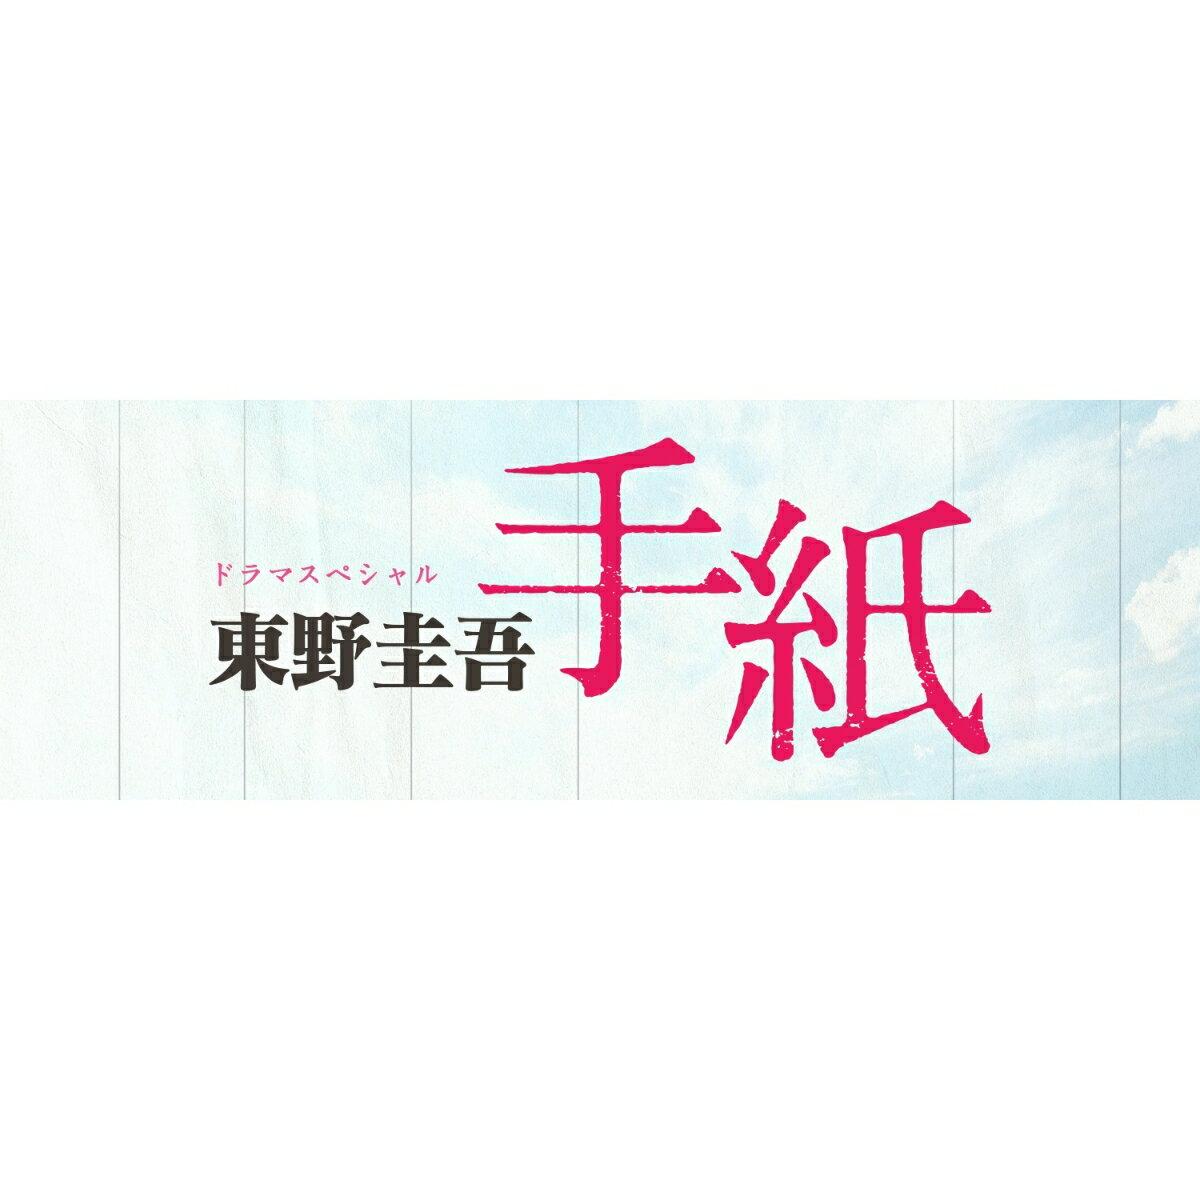 ドラマスペシャル「東野圭吾 手紙」Blu-ray【Blu-ray】